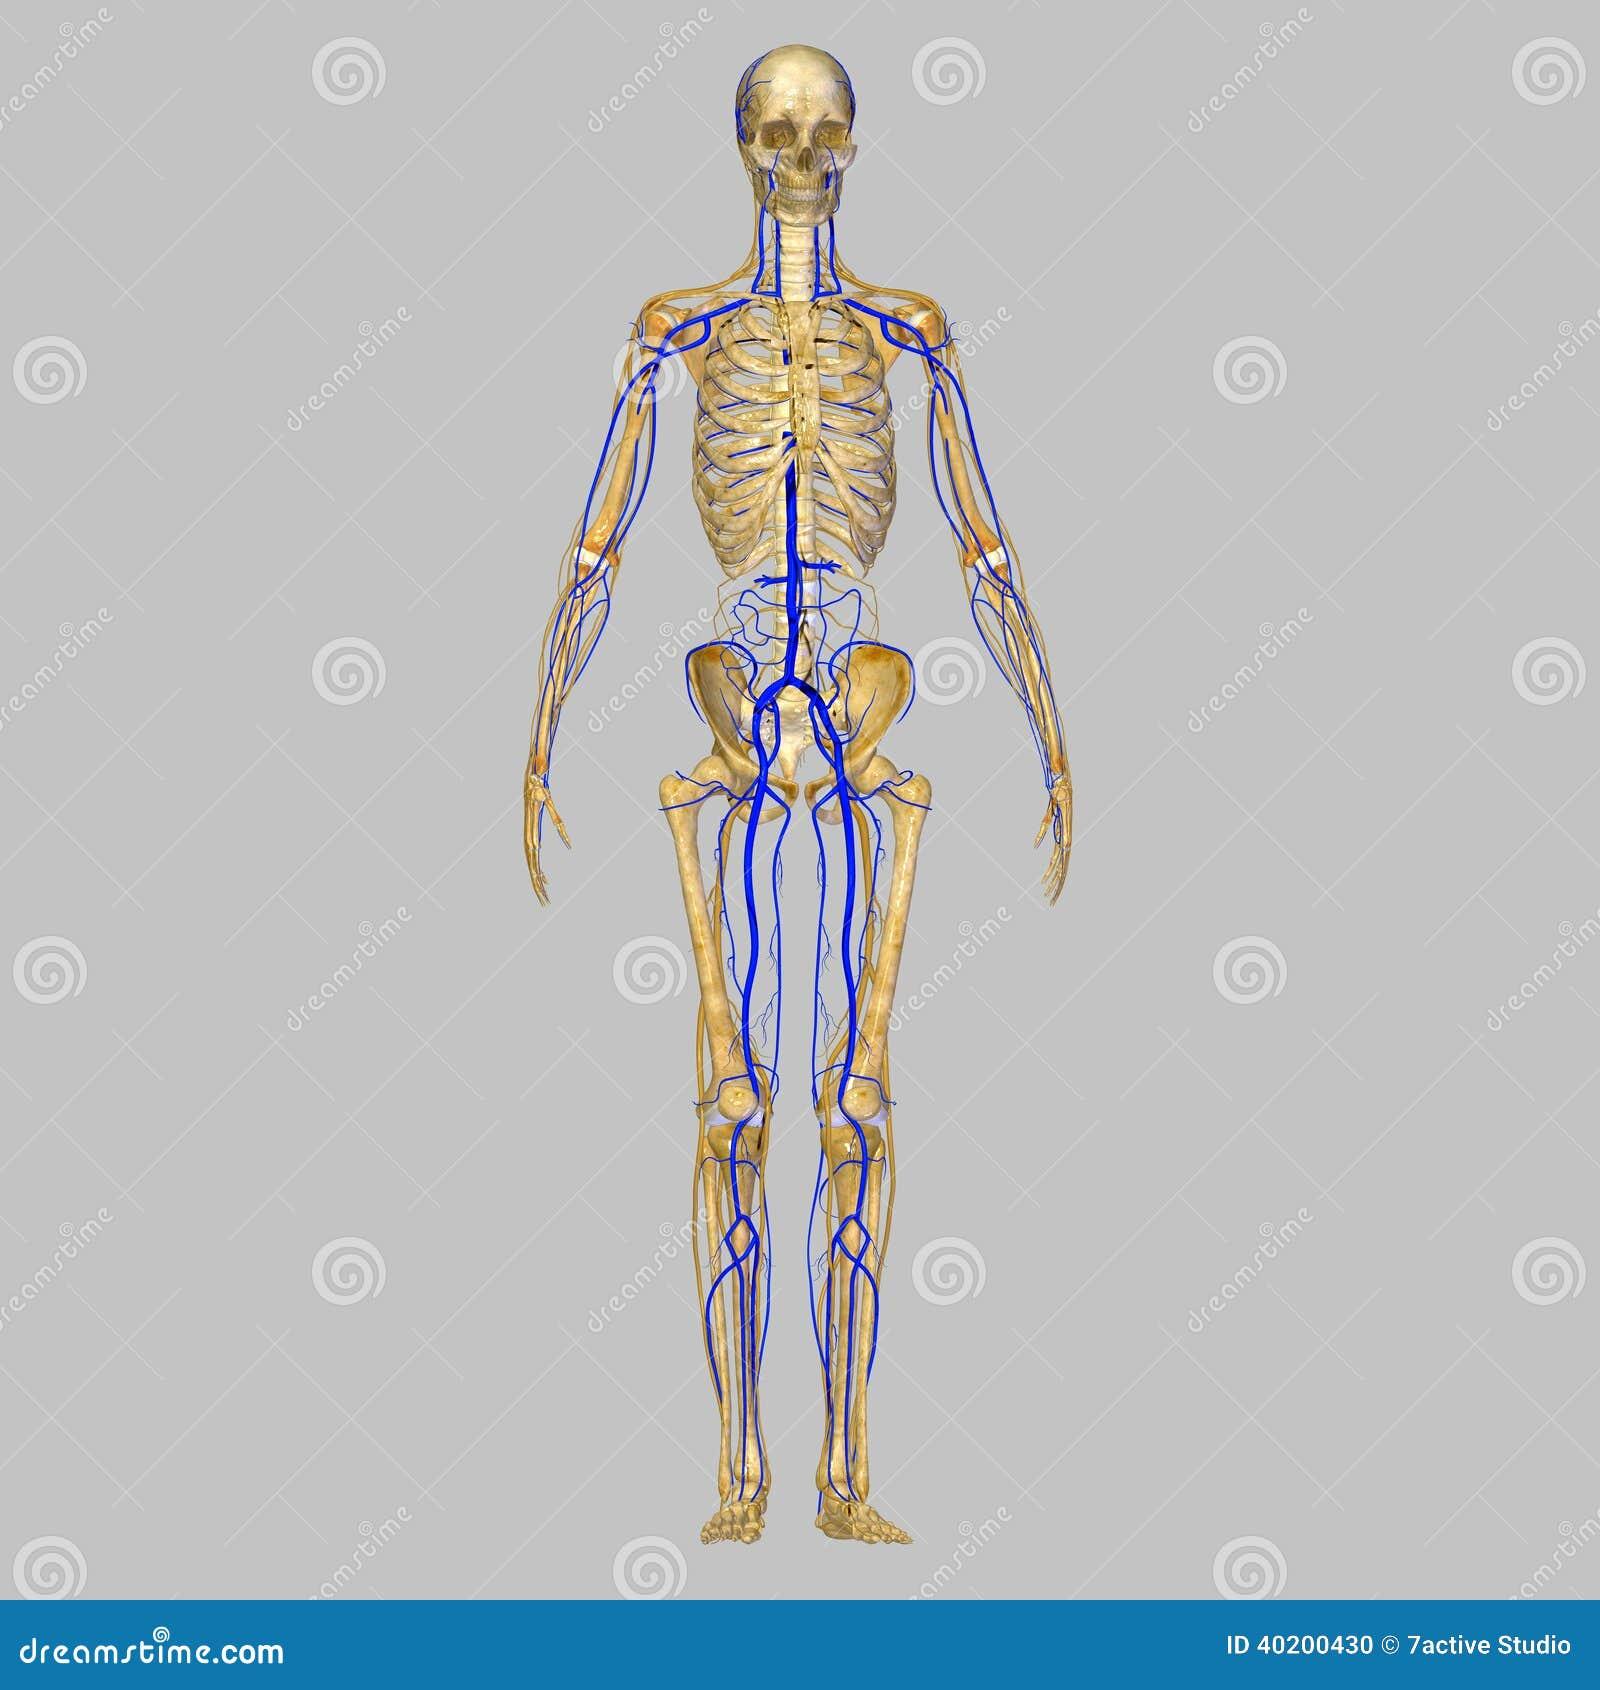 Skelett mit Adern stock abbildung. Illustration von anatomie - 40200430